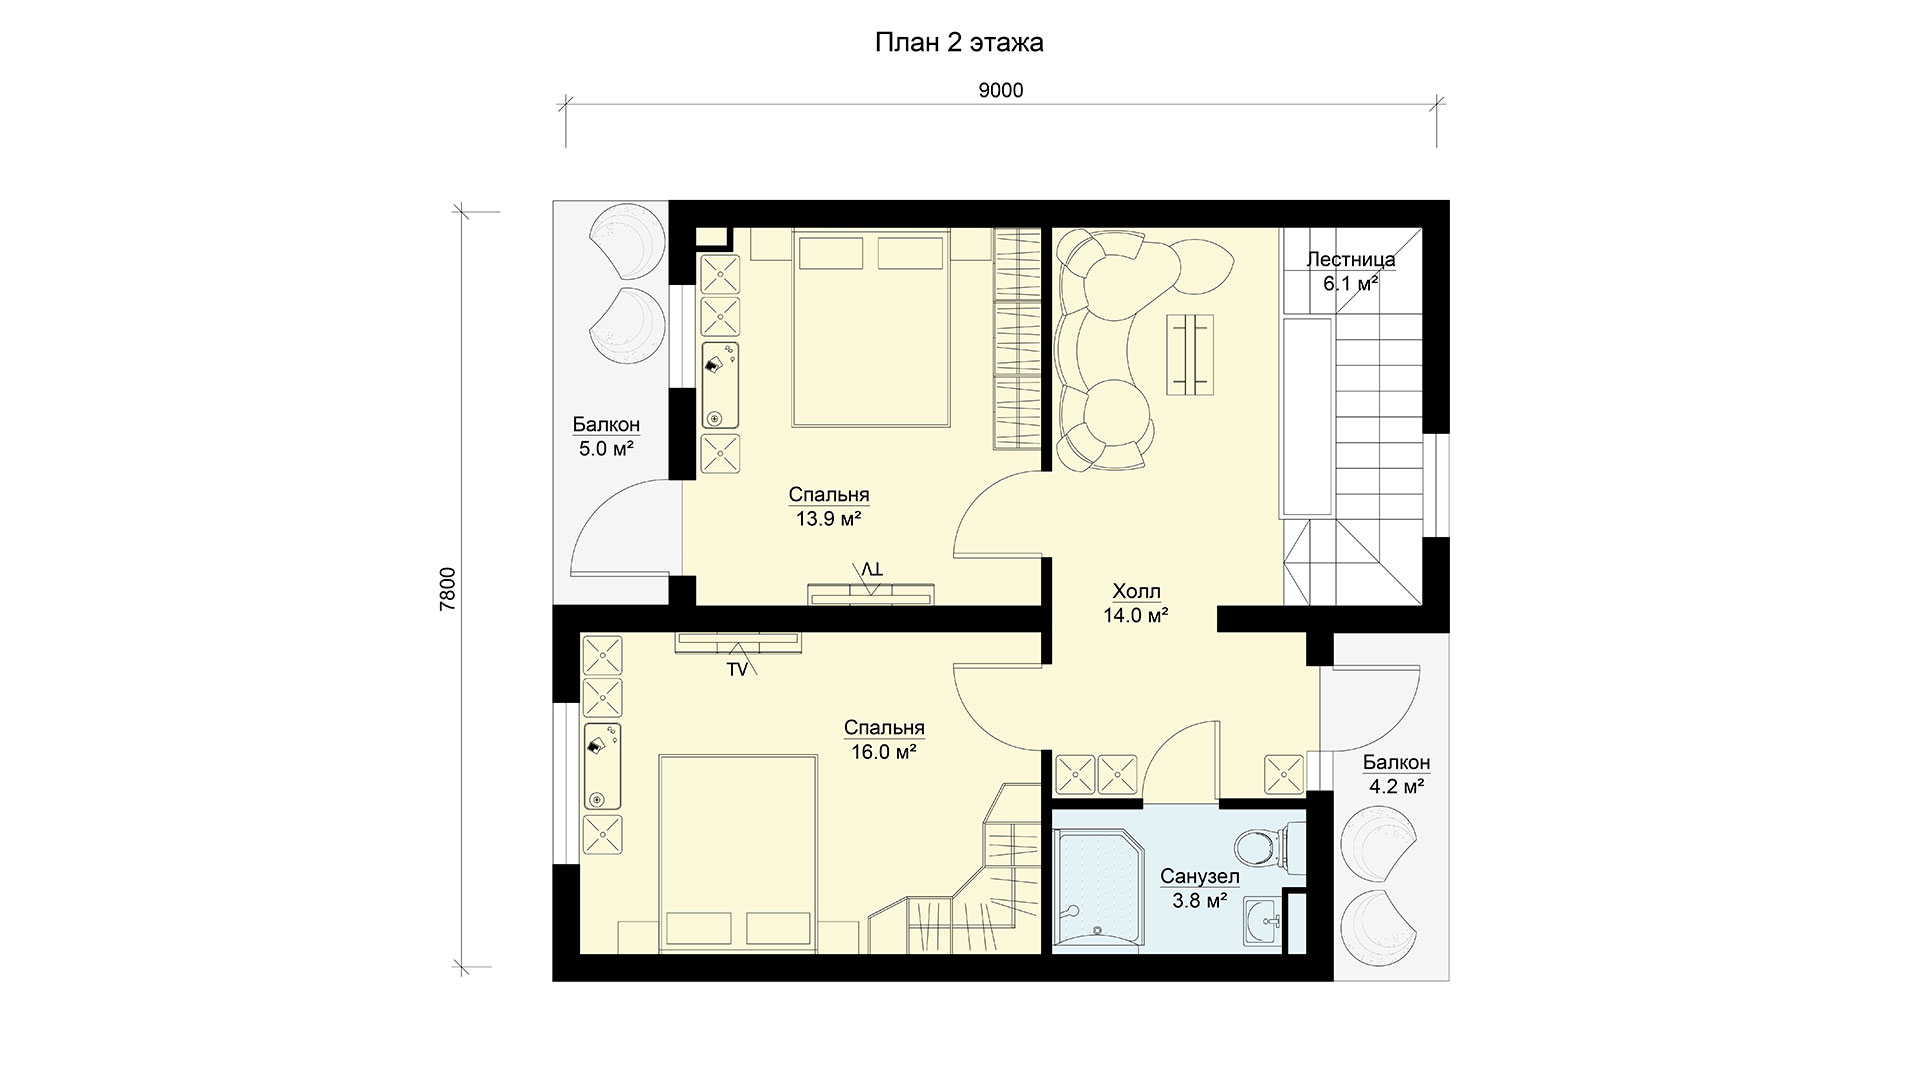 План второго этажа двухэтажного коттеджа БЭНПАН, проект БП-171.